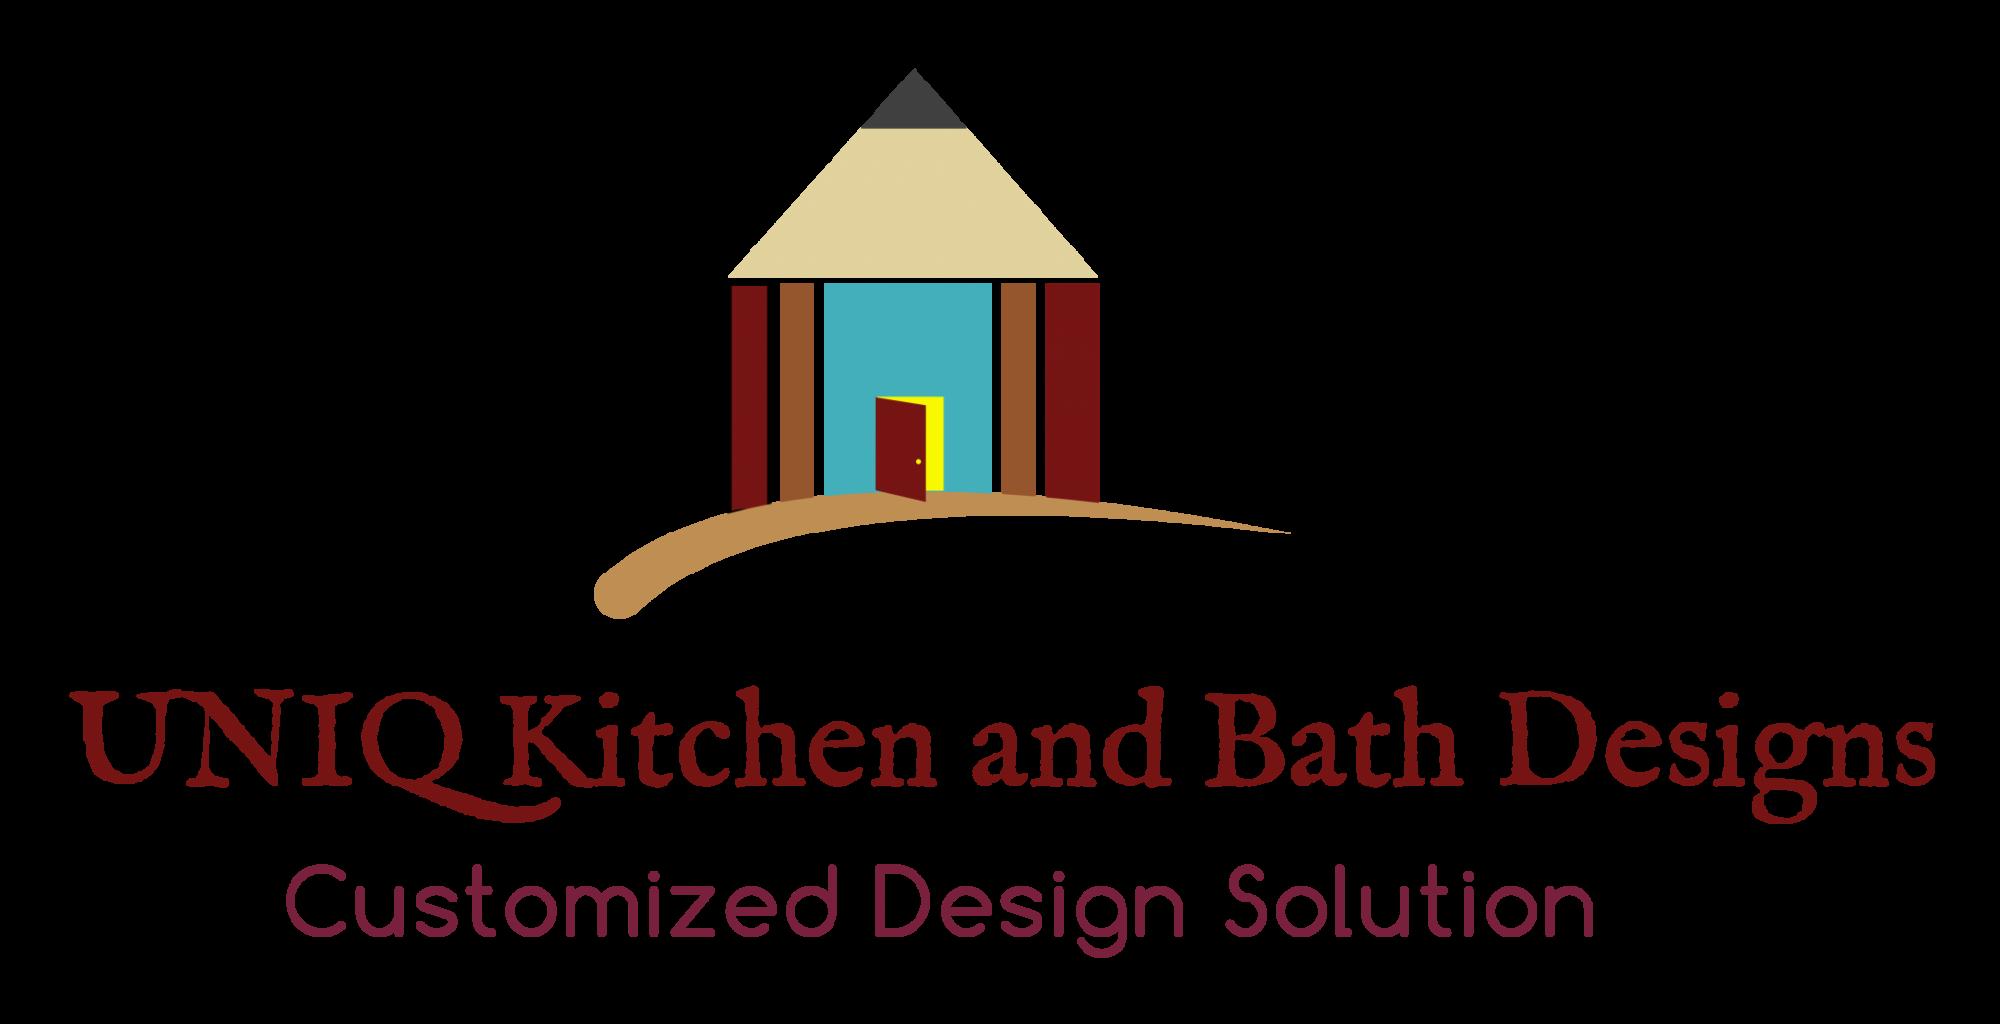 interior design, kitchen designer, bath designer, kitchen design and remodel